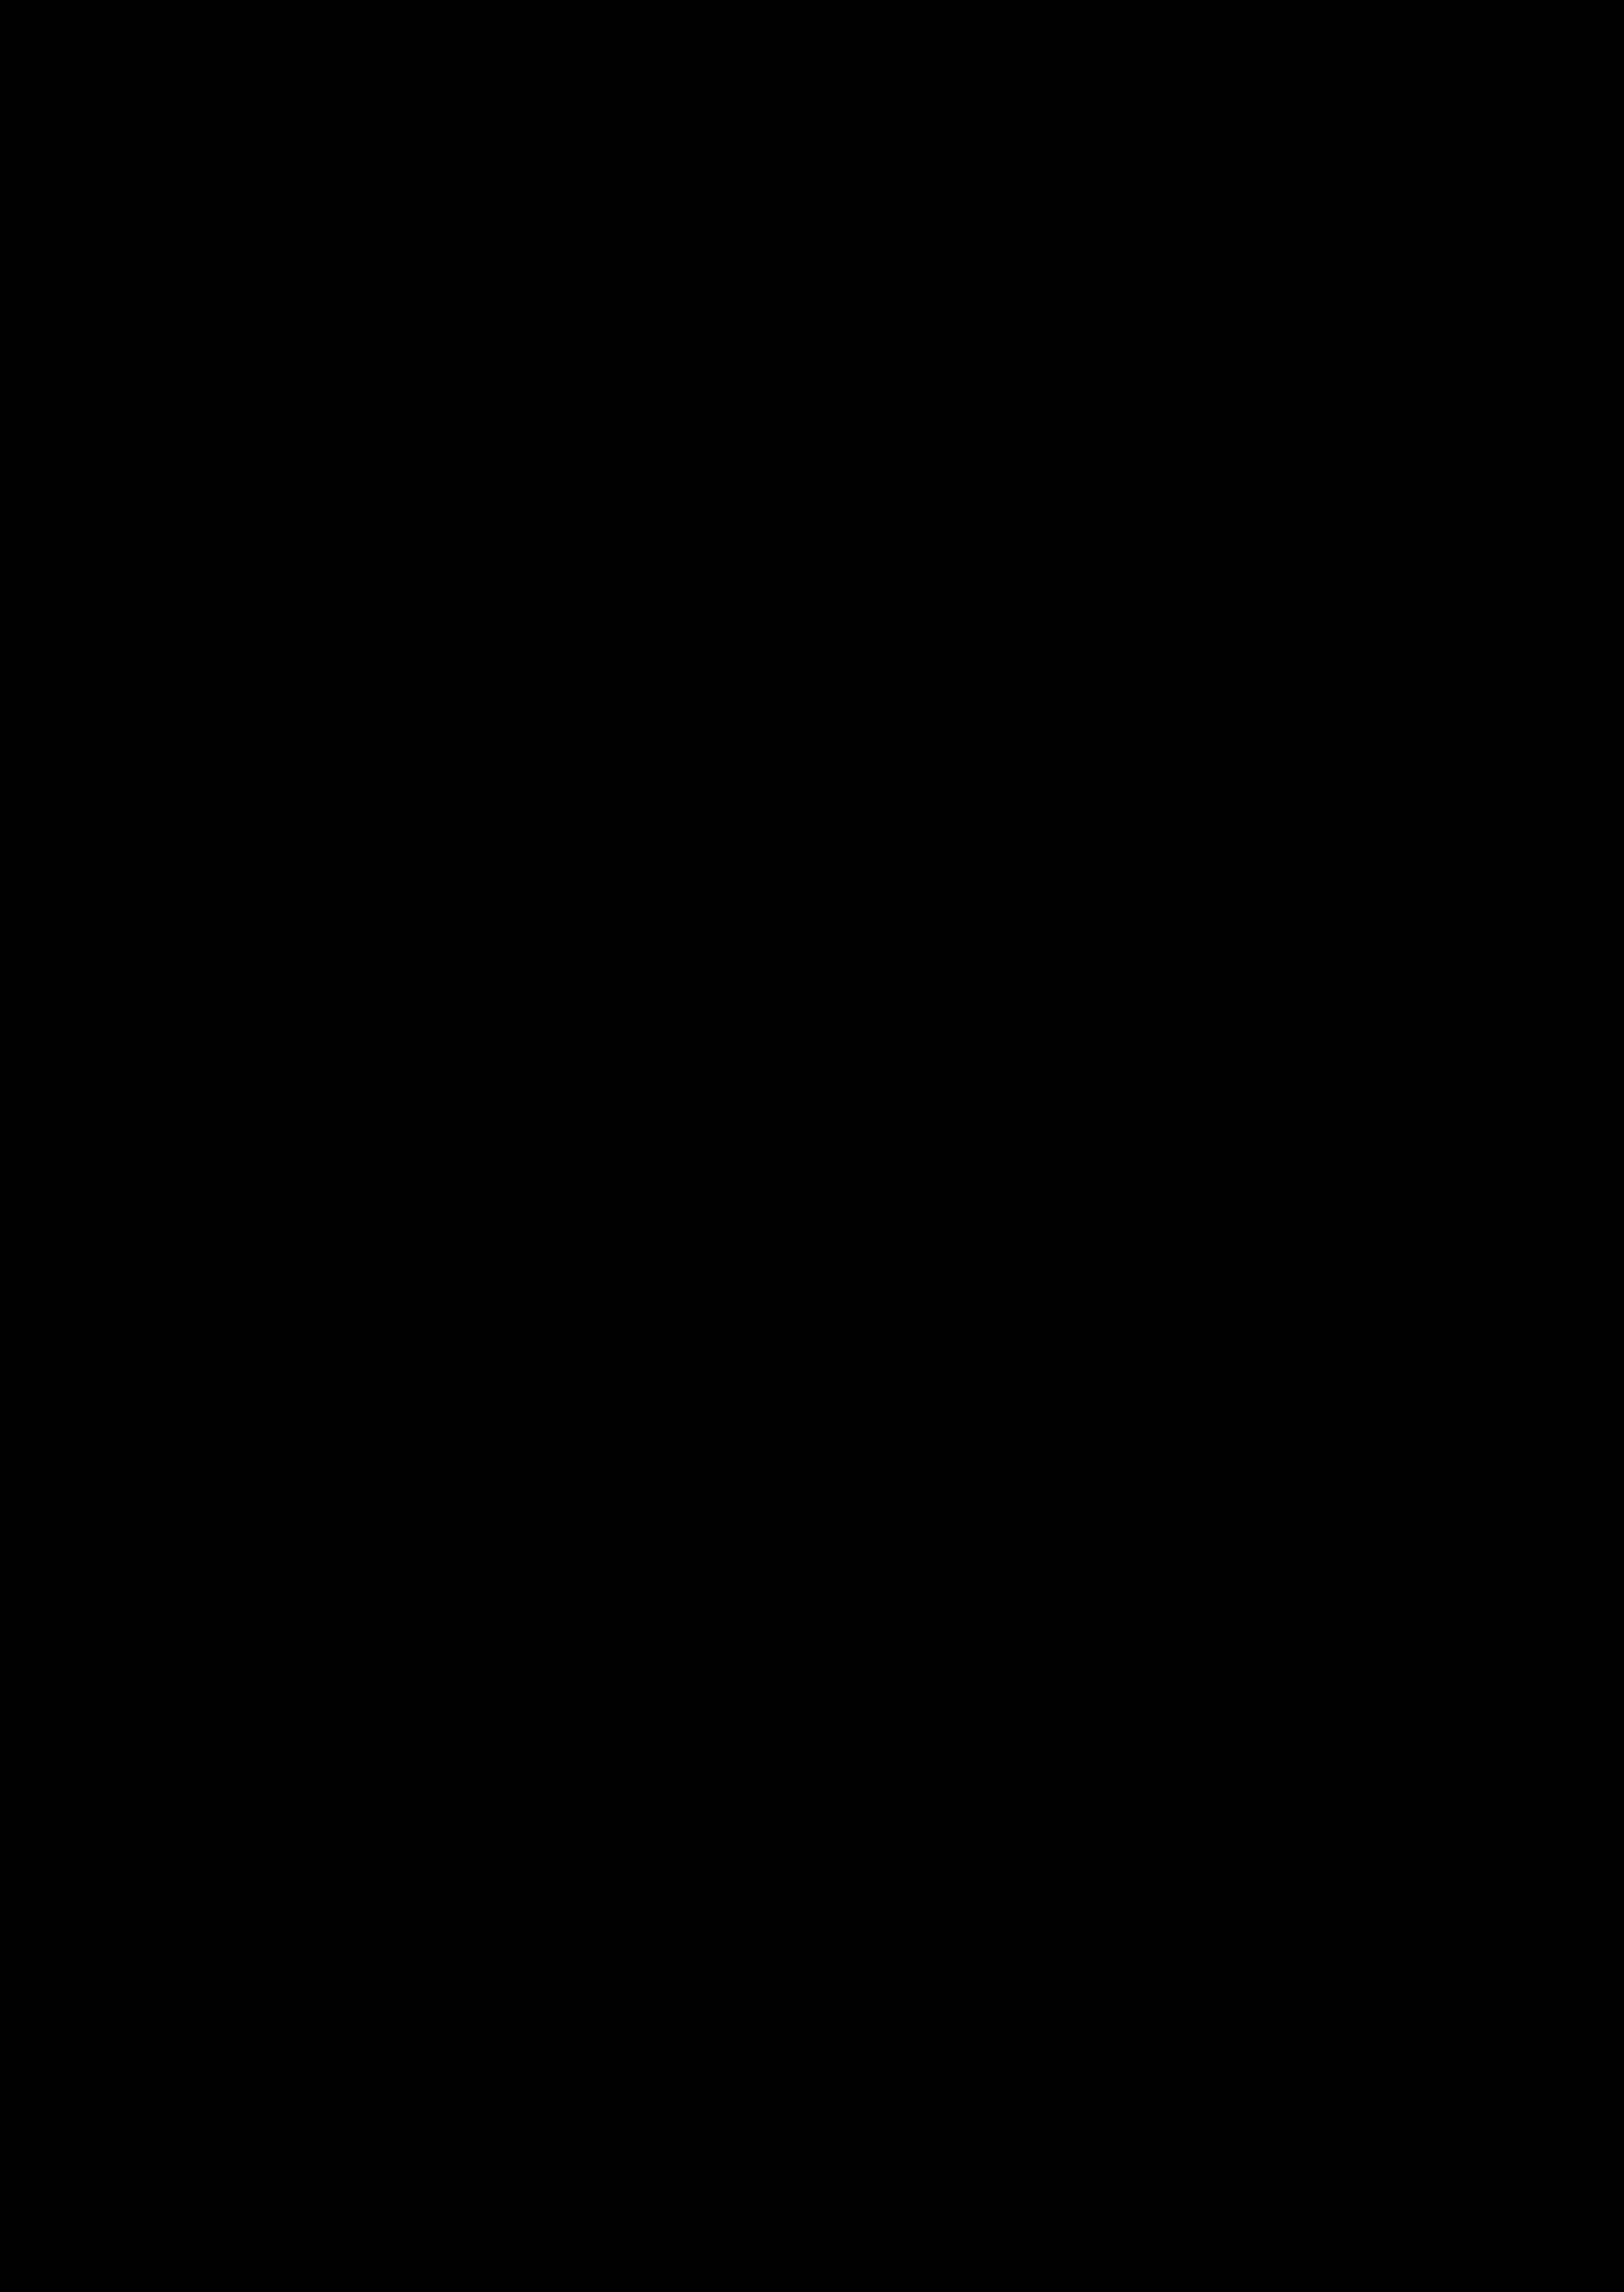 Conferinţa Smart Regional Development va fi despre investiţii inteligente pentru dezvoltarea comunităţii regionale (P)